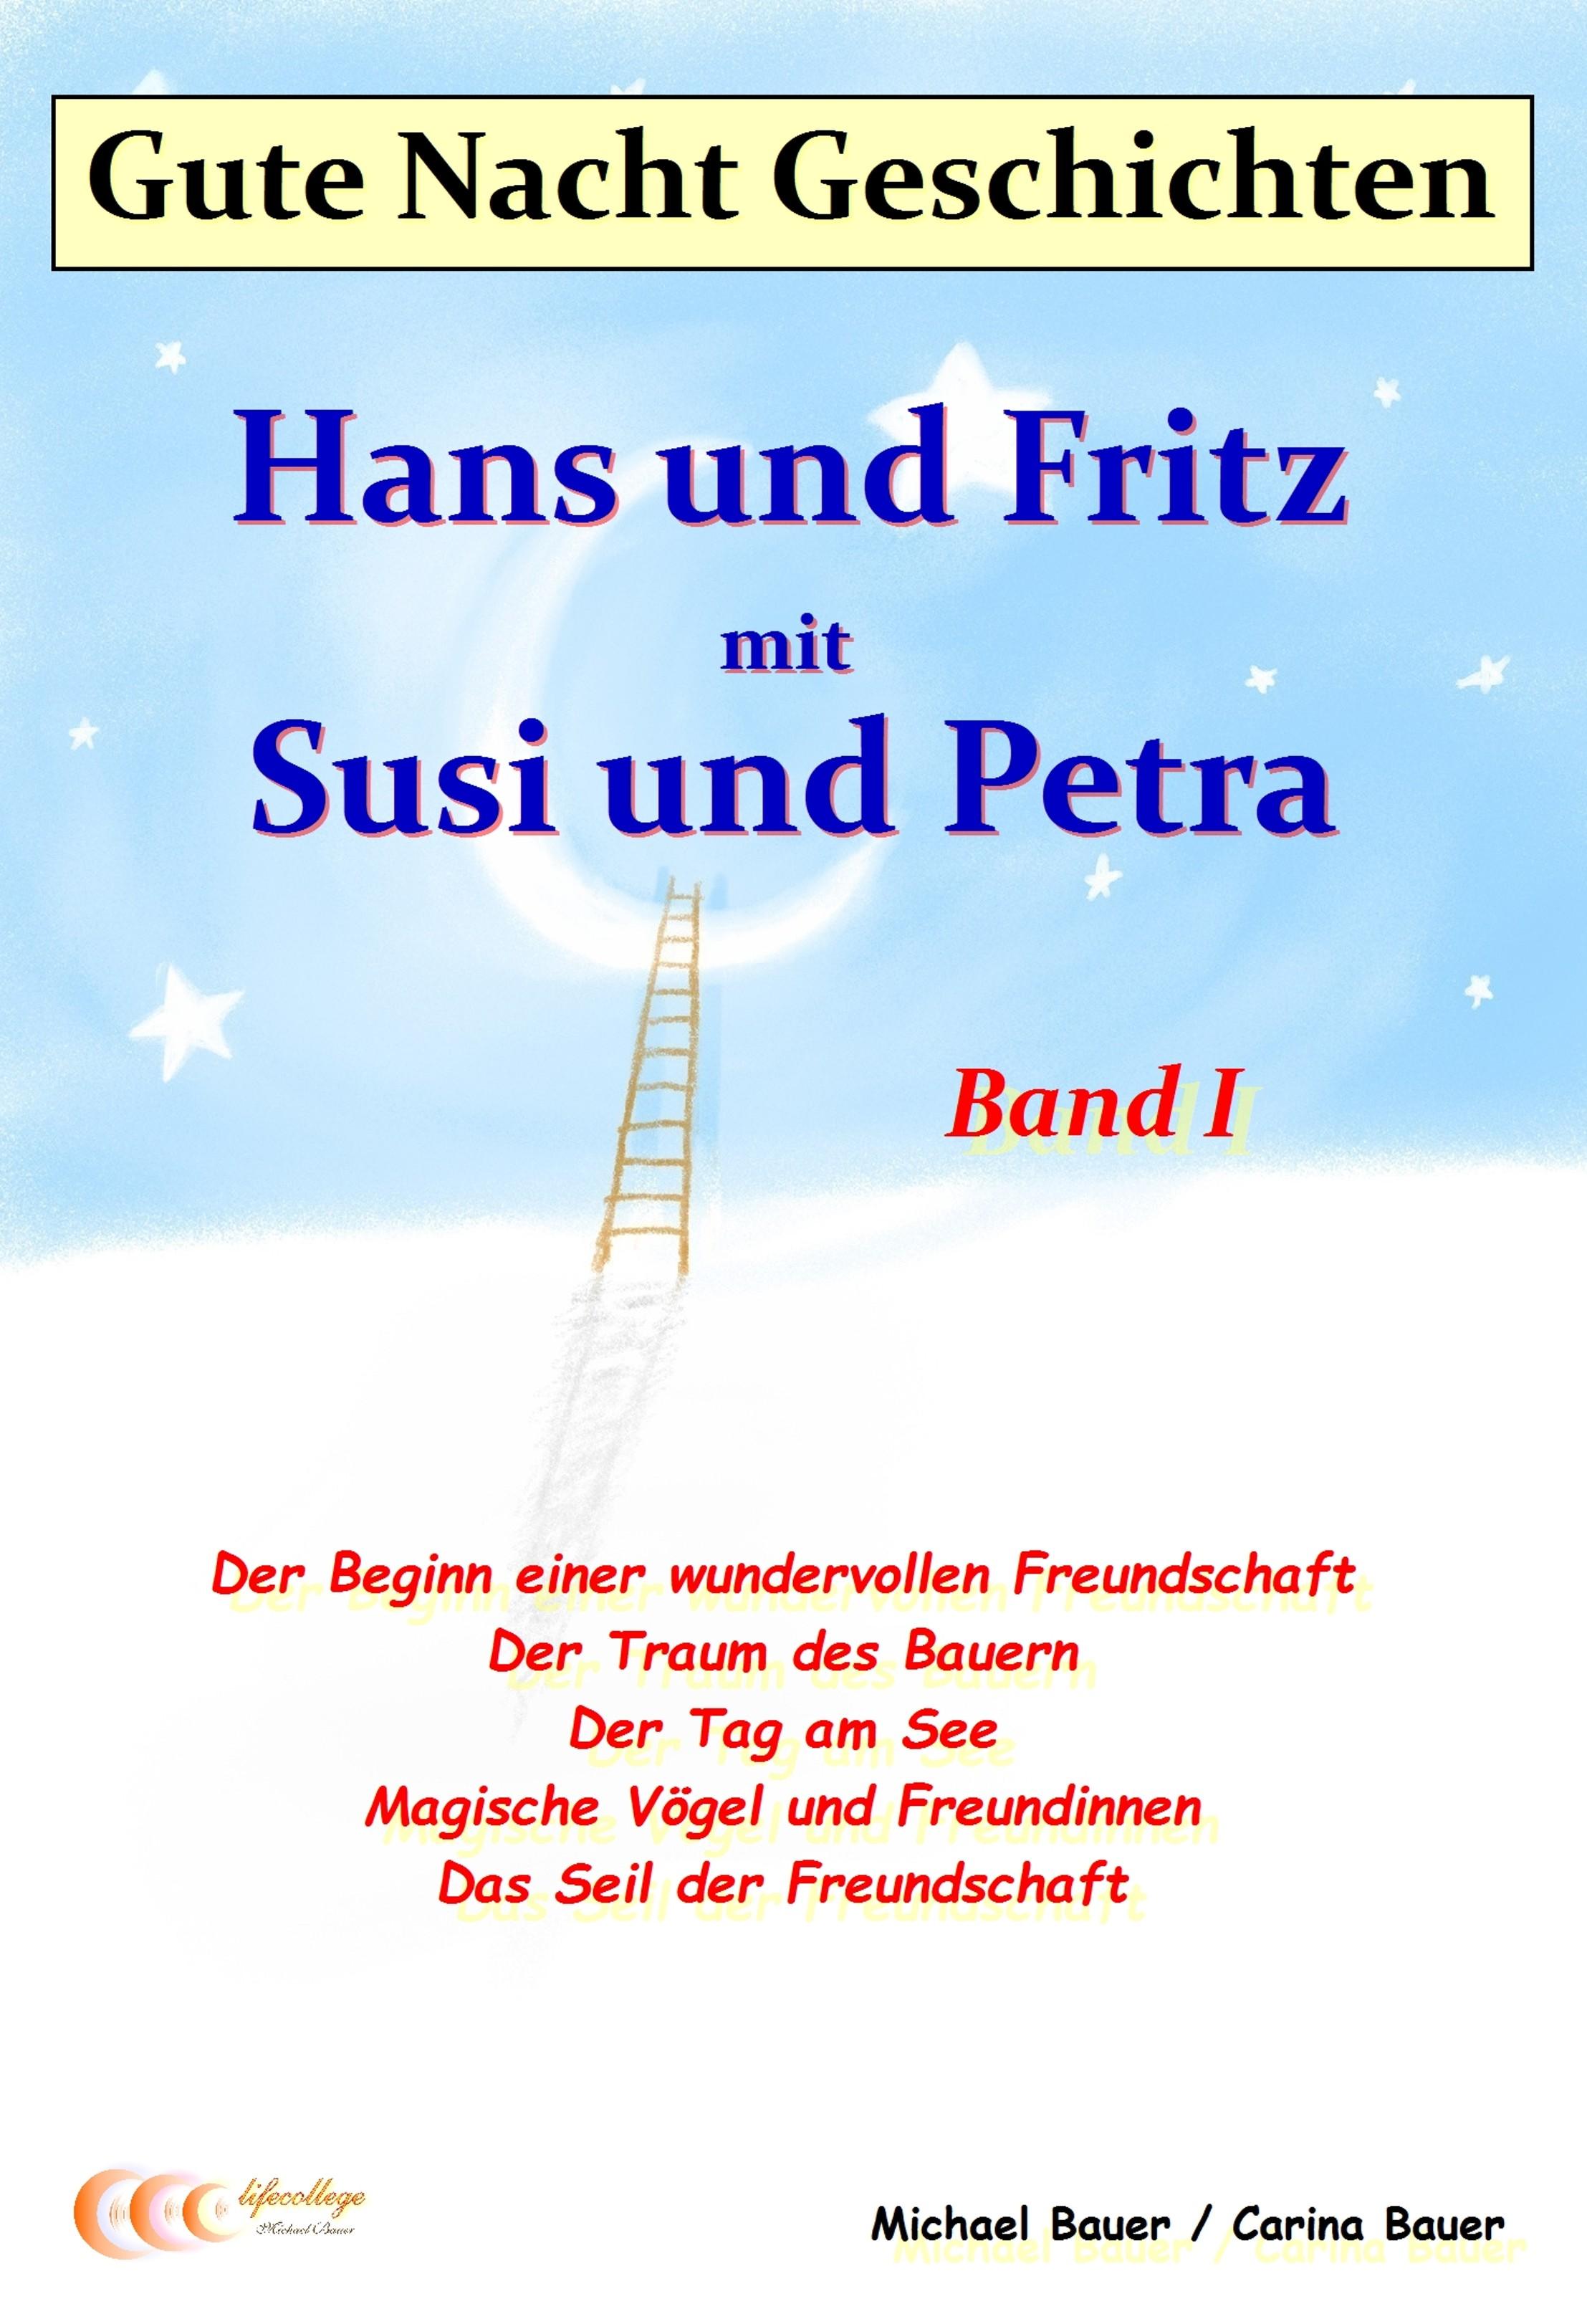 Michael Bauer Gute-Nacht-Geschichten: Hans und Fritz mit Susi und Petra - Band I